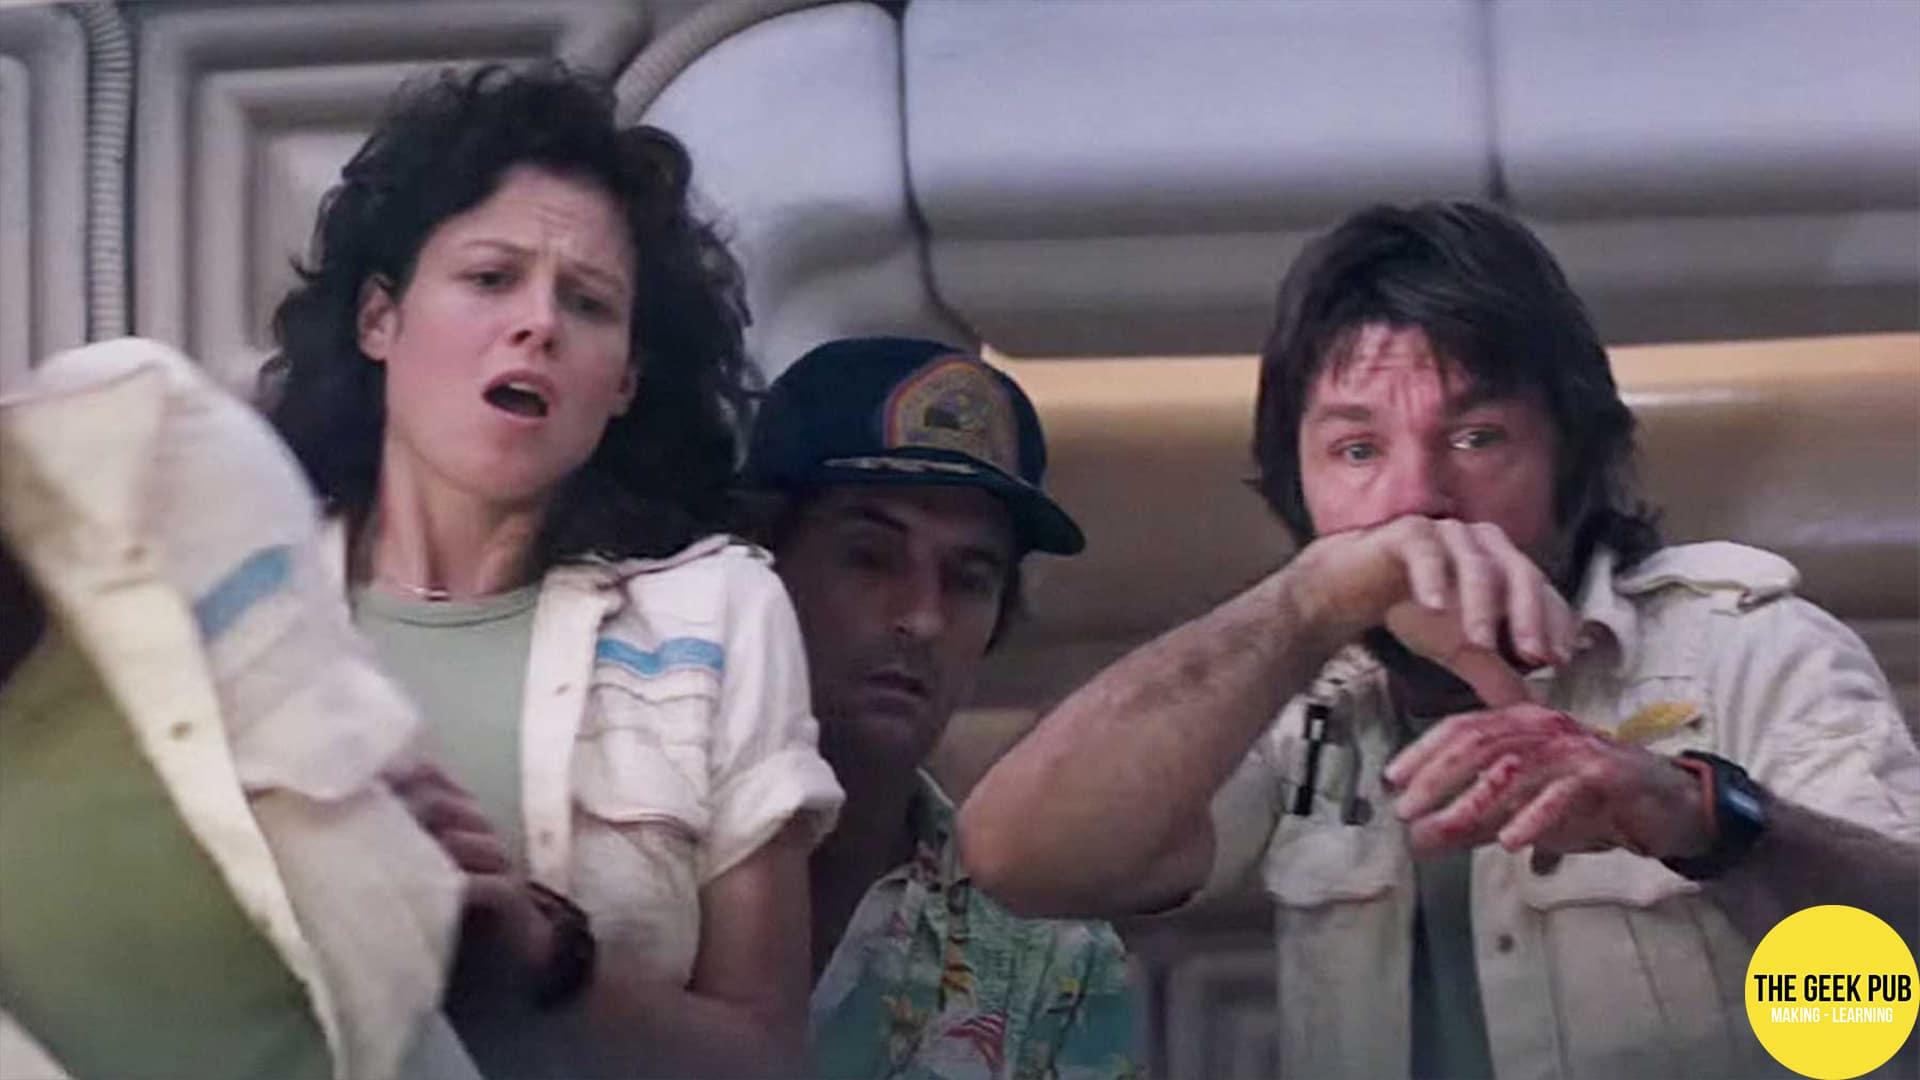 5) Alien (1979)